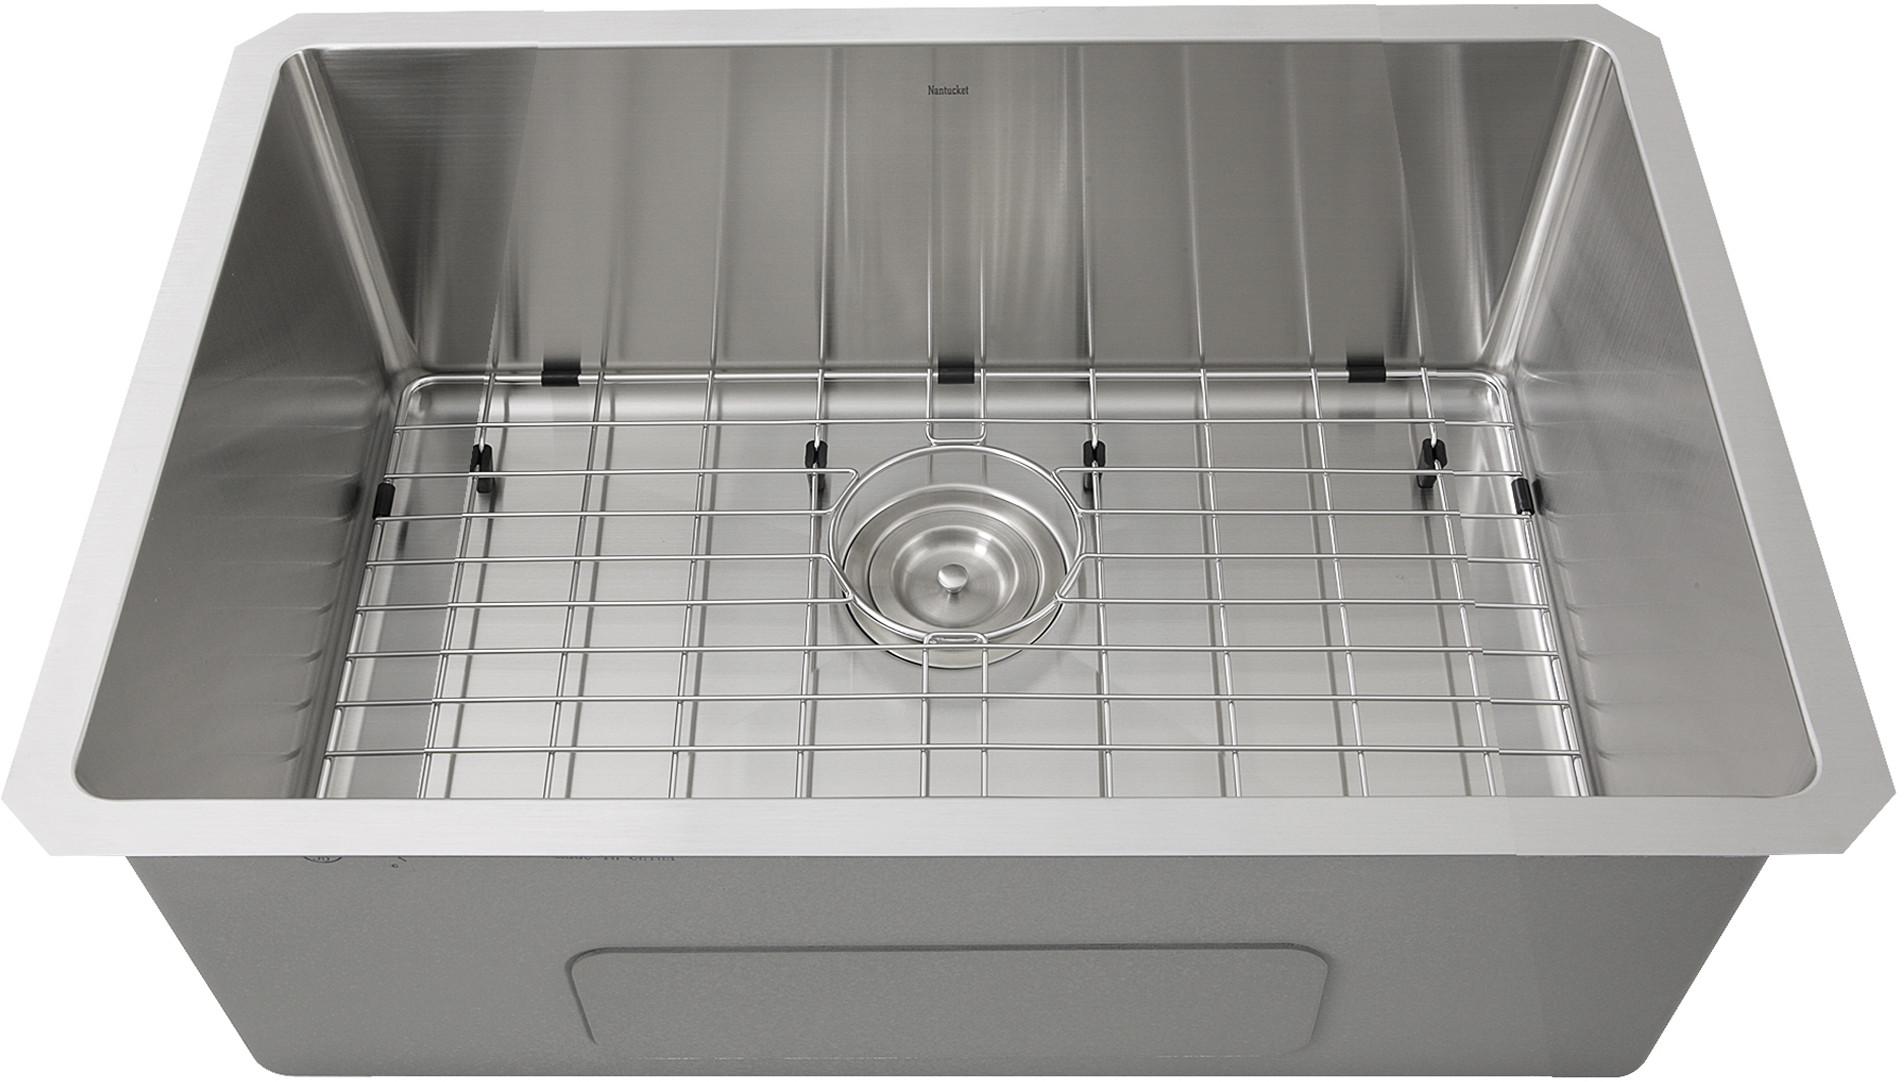 28 Inch Undermount Kitchen Sink Get Home Inteiror House Design